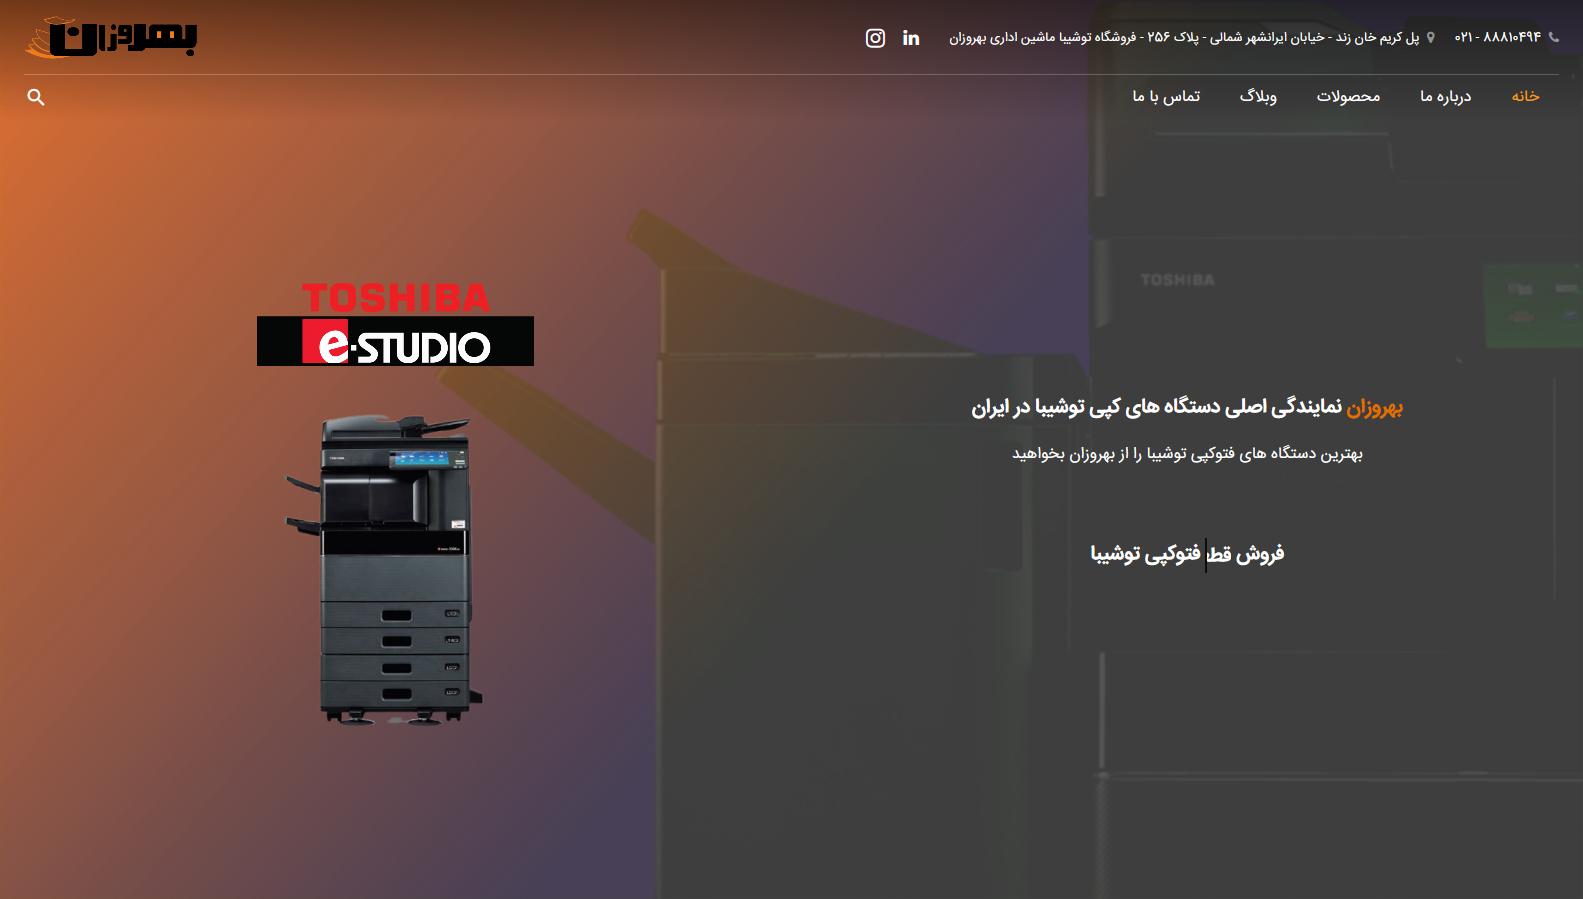 Screenshot_2020-11-22 فتوکپی توشیبا بهروزان نمایندگی اصلی دستگاه ها و قطعات کپی توشیبا در ایران، آکبند و استوک